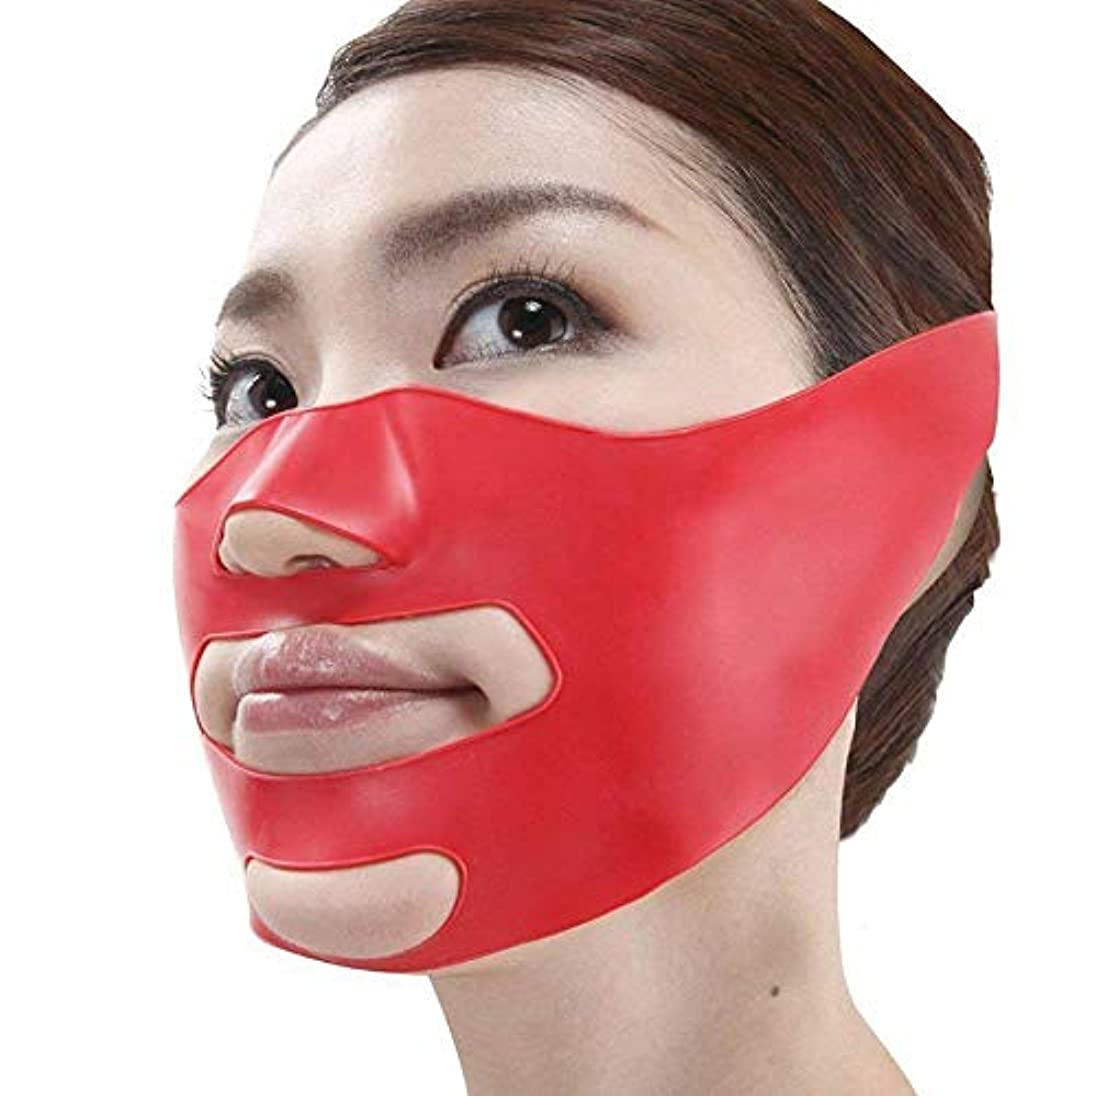 追い付く衣装破産小顔矯正 マスク 小顔補正ベルト ほうれい線 リフトスリムマスク 3Dエクササイズマスク 法令線予防 抗シワ サウナマスク 美容グッ (フリーサイズ)